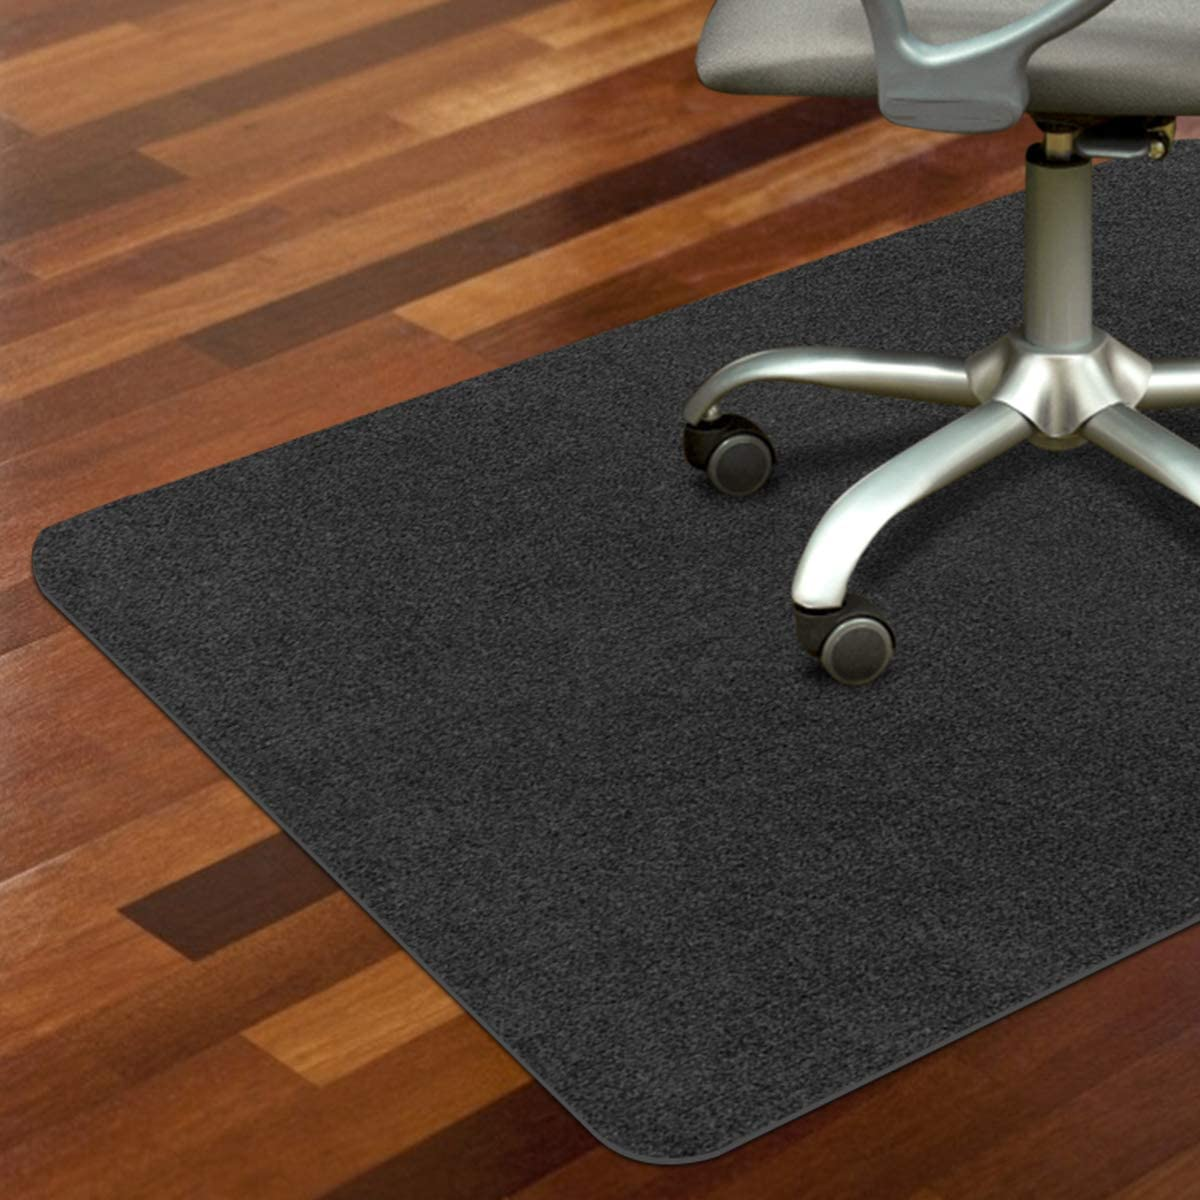 사무실 의자 매트 데스크의 자 매트한 나무 바닥 1 | 6 두꺼운 47X35 드 보호 매트는 다목적 의자 양탄자를 위한 홈